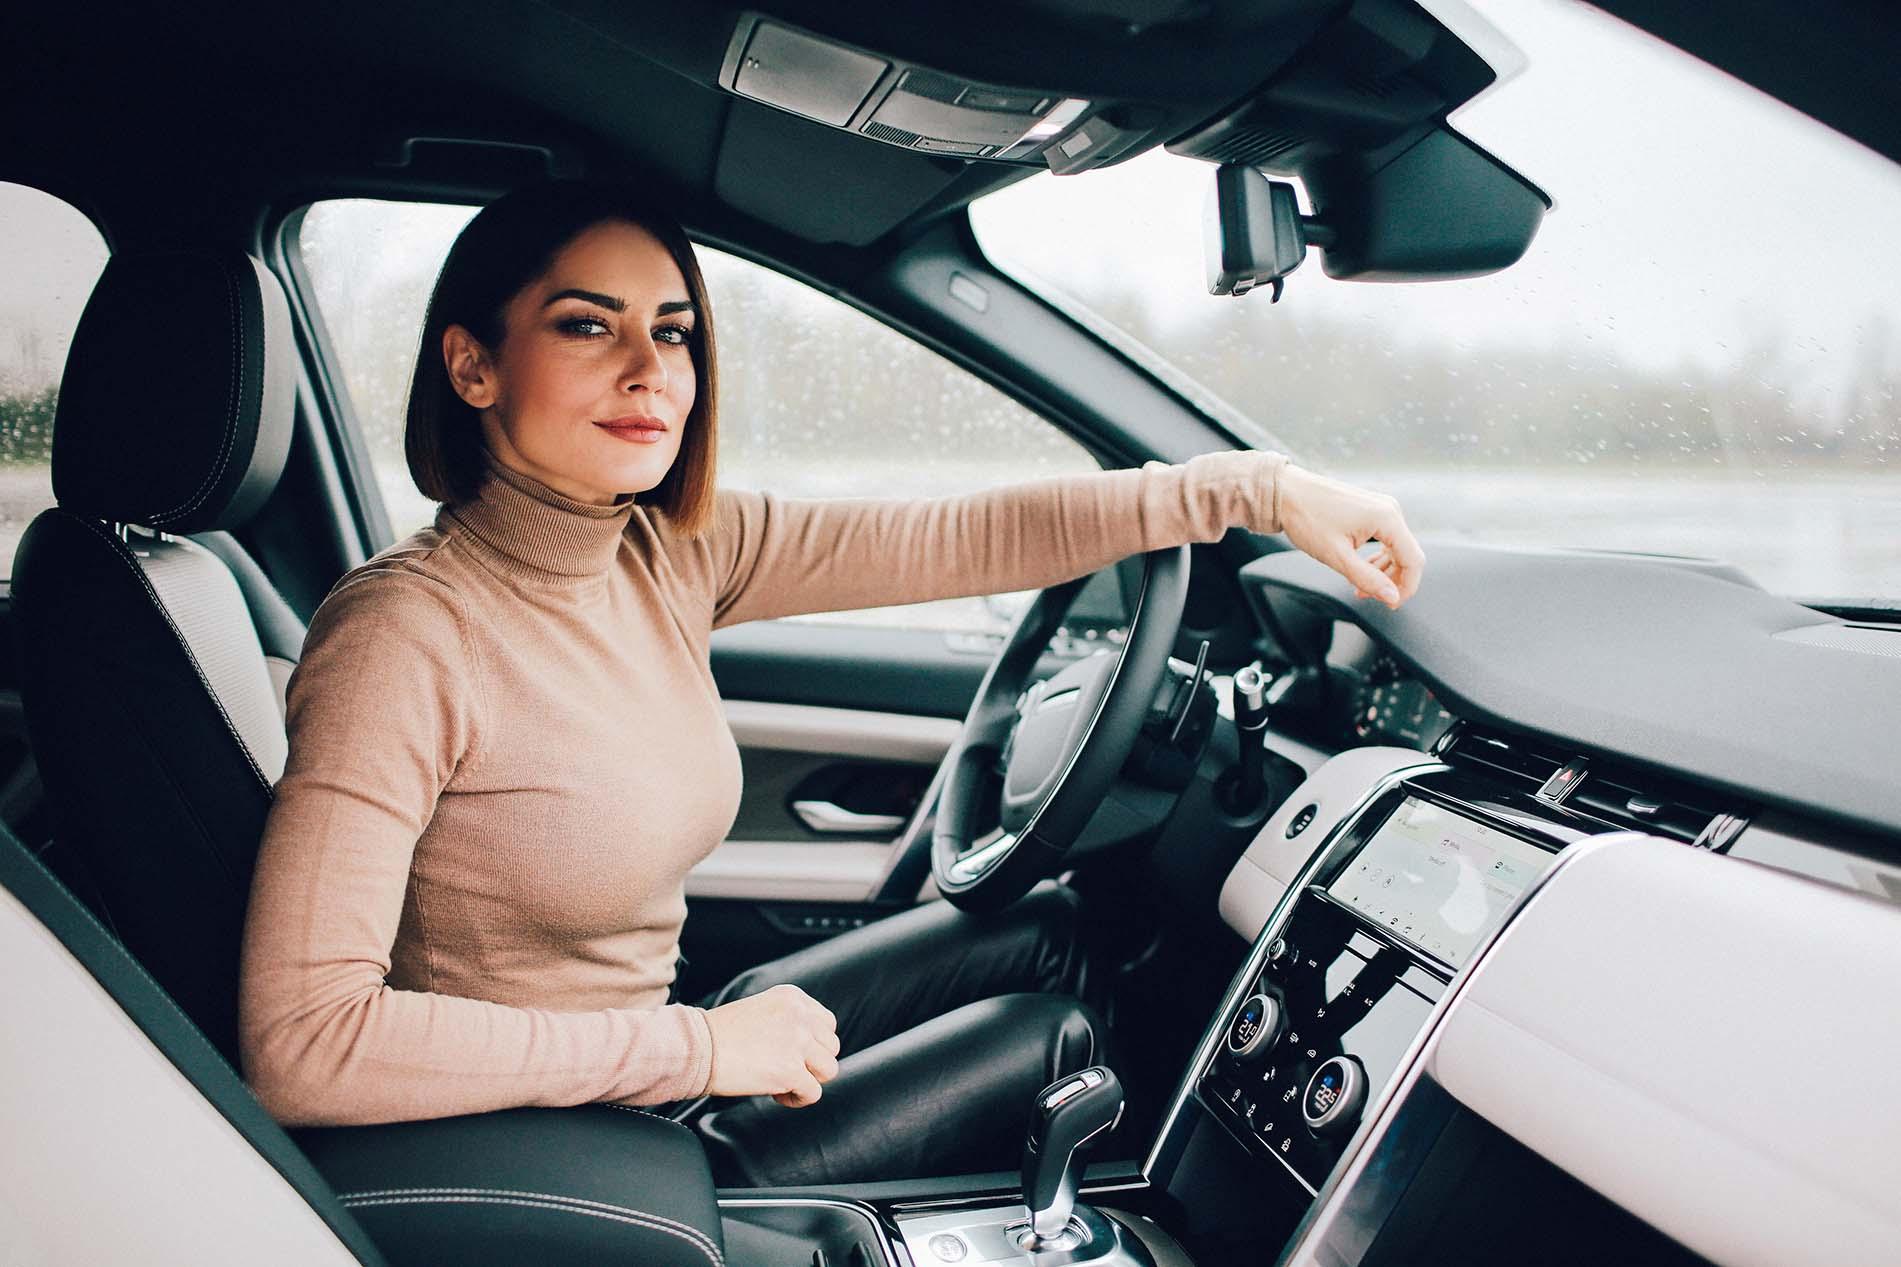 zagreb 20.11.2019 Renata Sopek i Antonija Stupar sigurna voznja foto vedran peteh